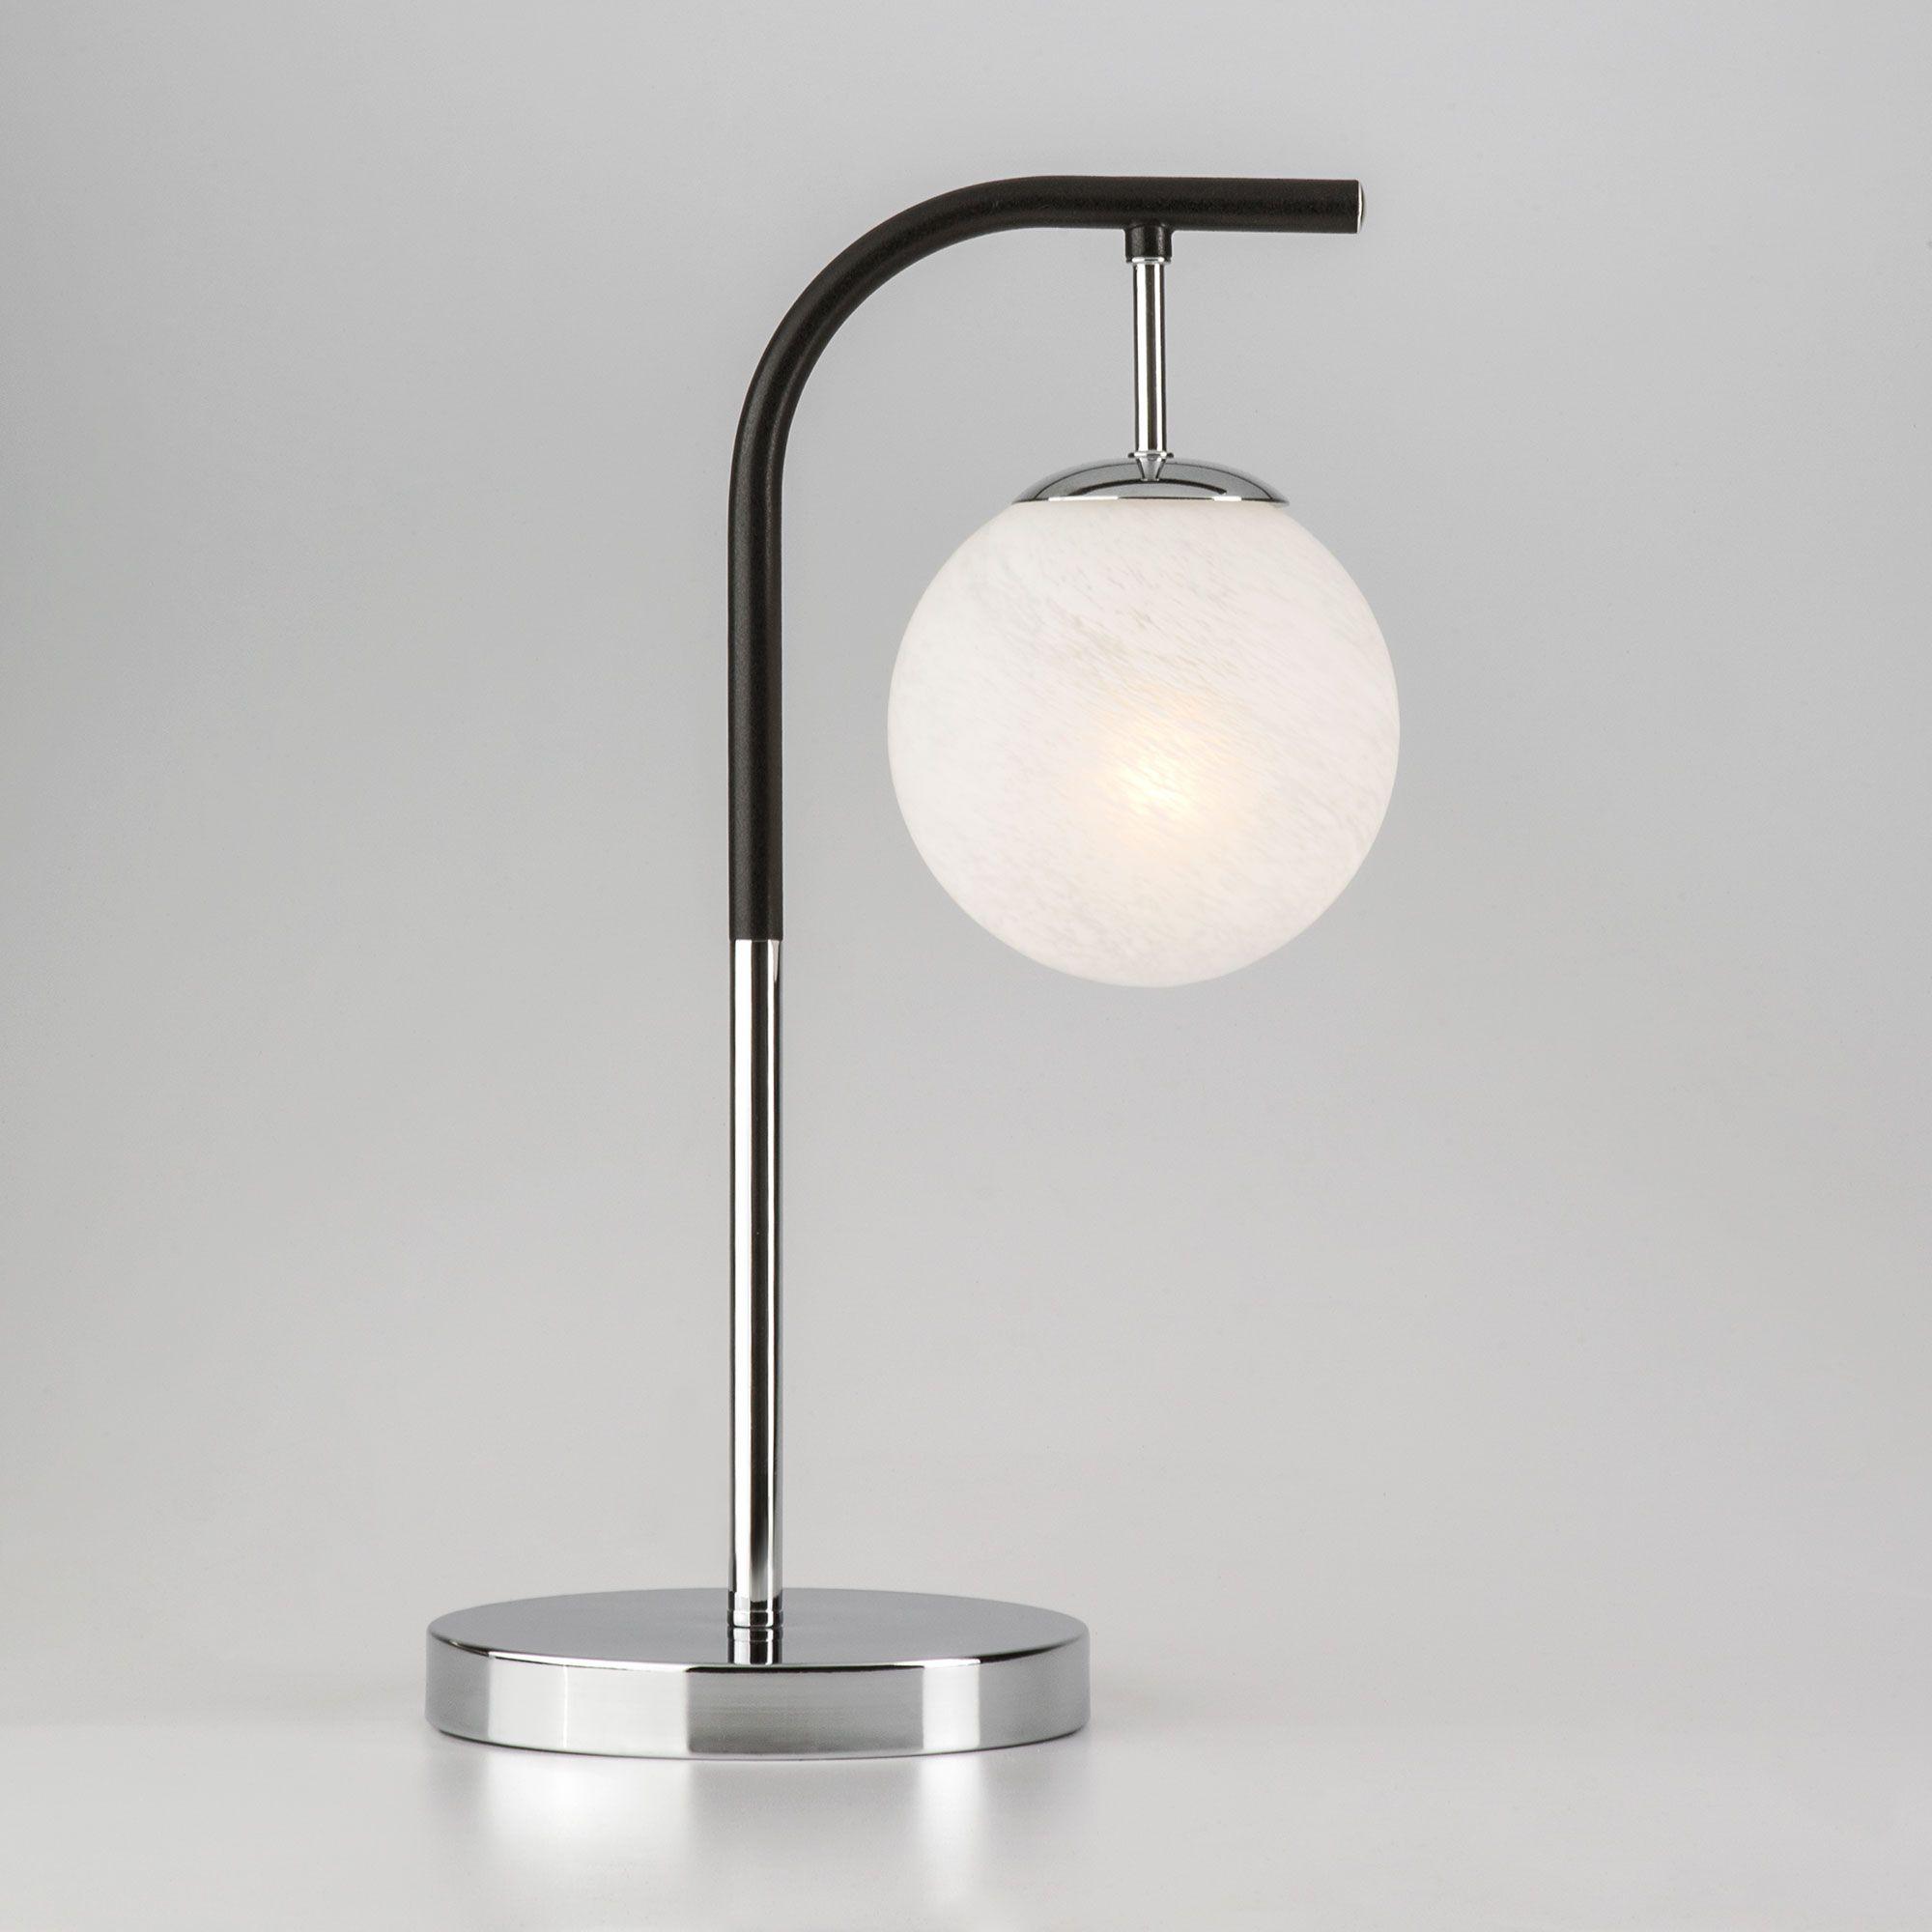 Настольная лампа в стиле лофт 01039/1 хром/черный